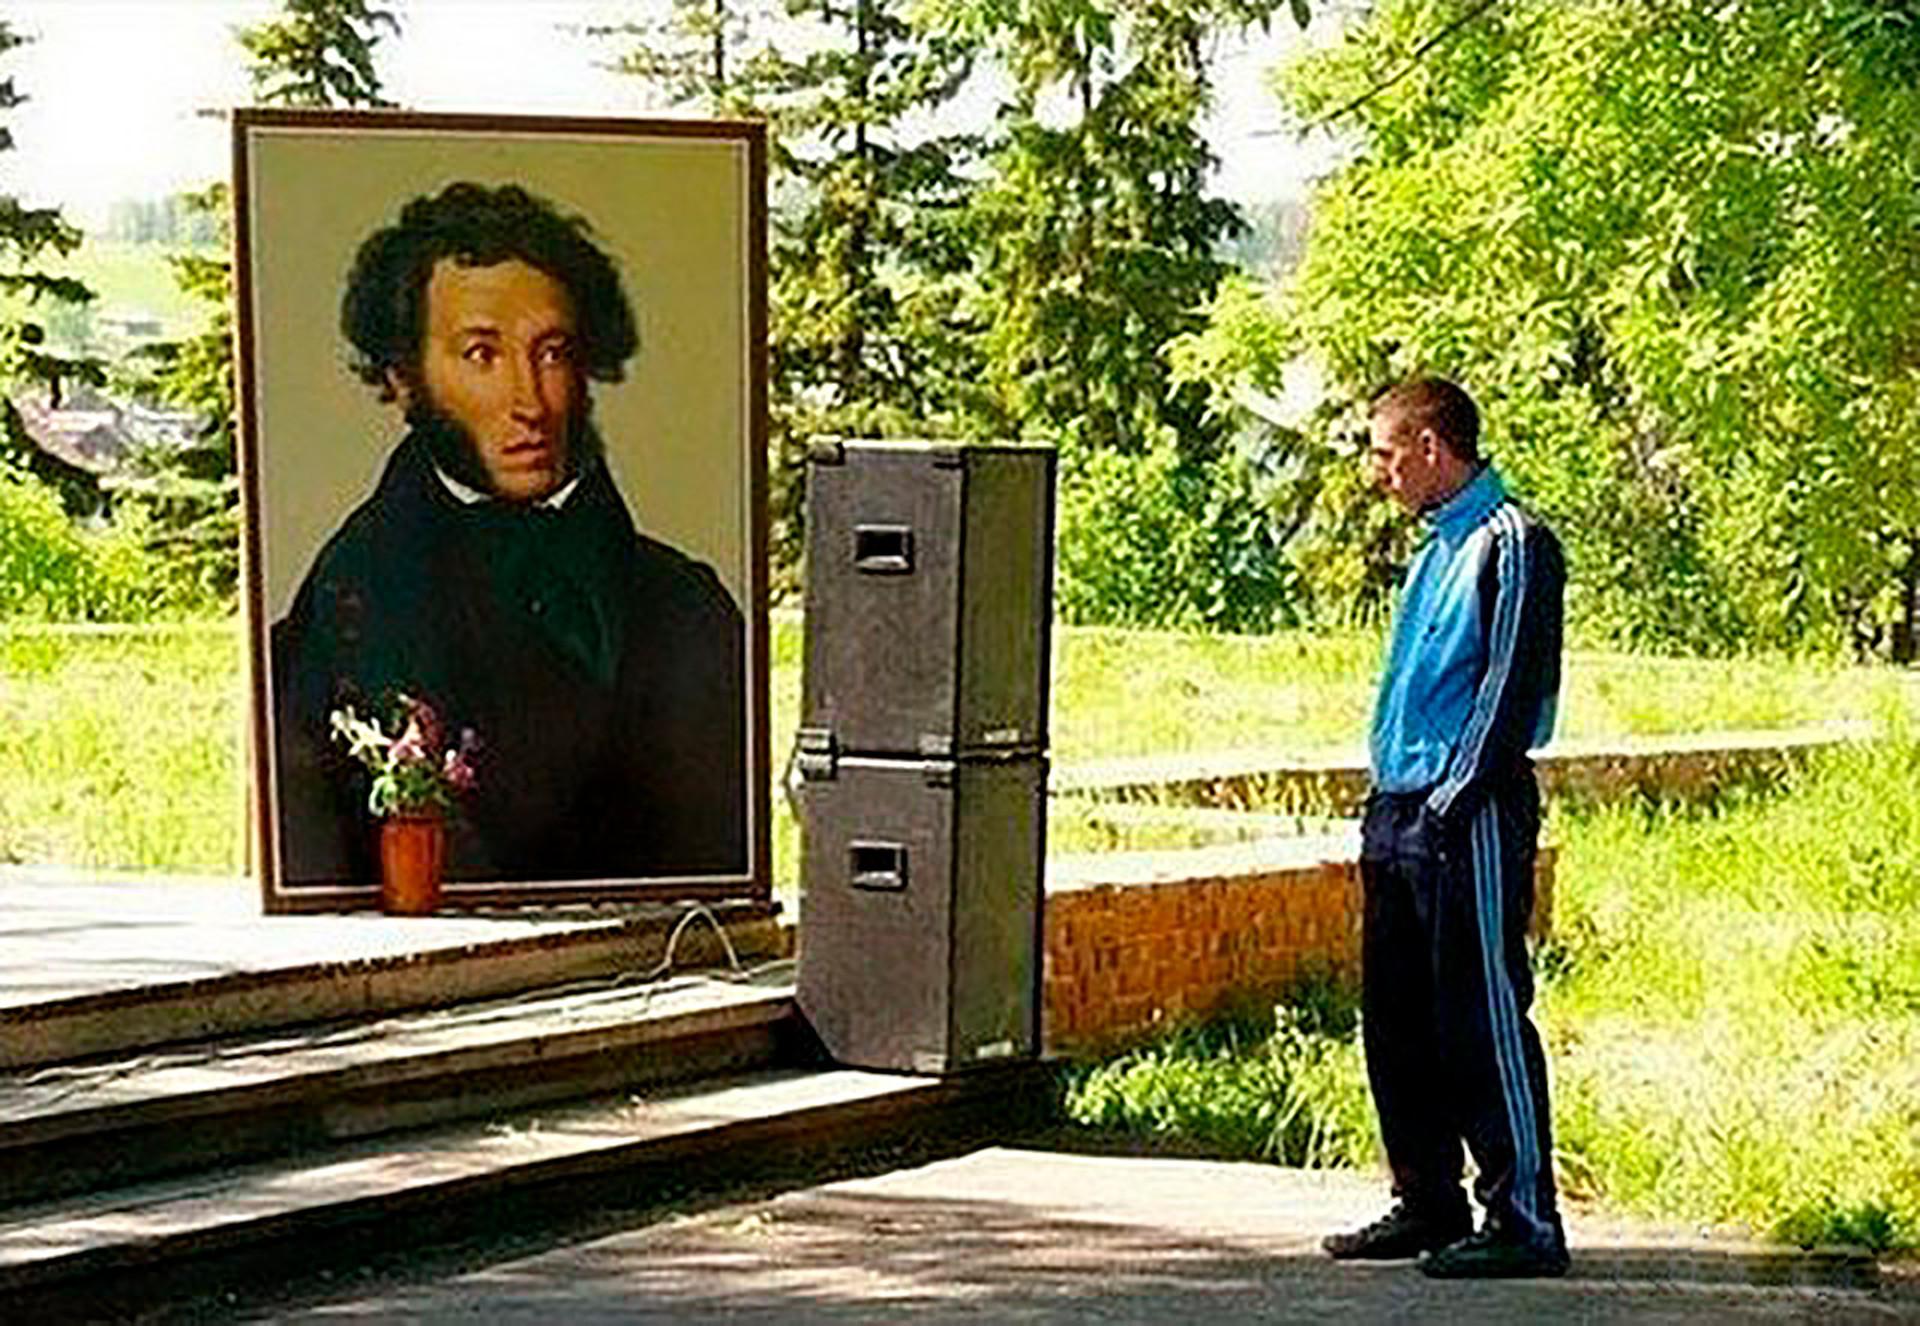 Um gópnik olha para o retrato do poeta Aleksandr Púchkin.